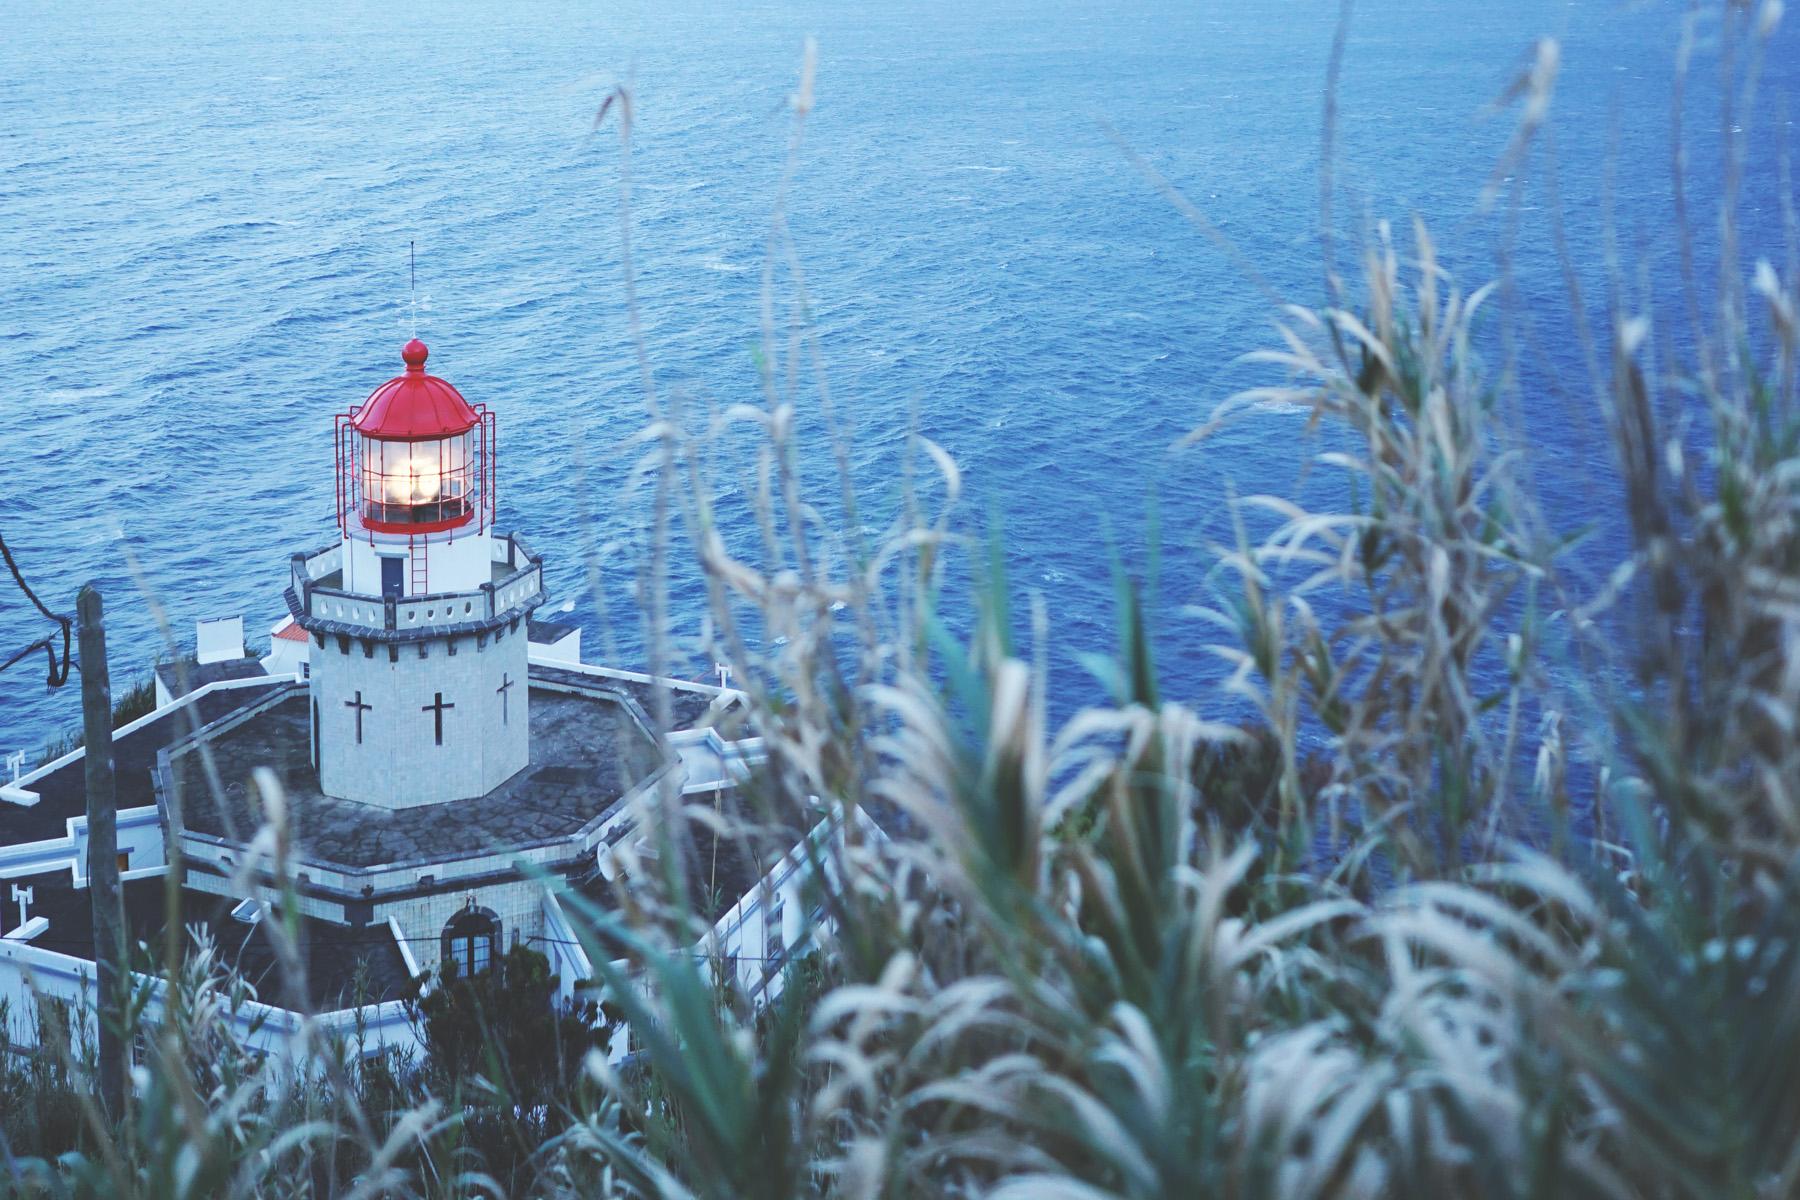 Nordeste-Lighthouse-Azores-003.jpg